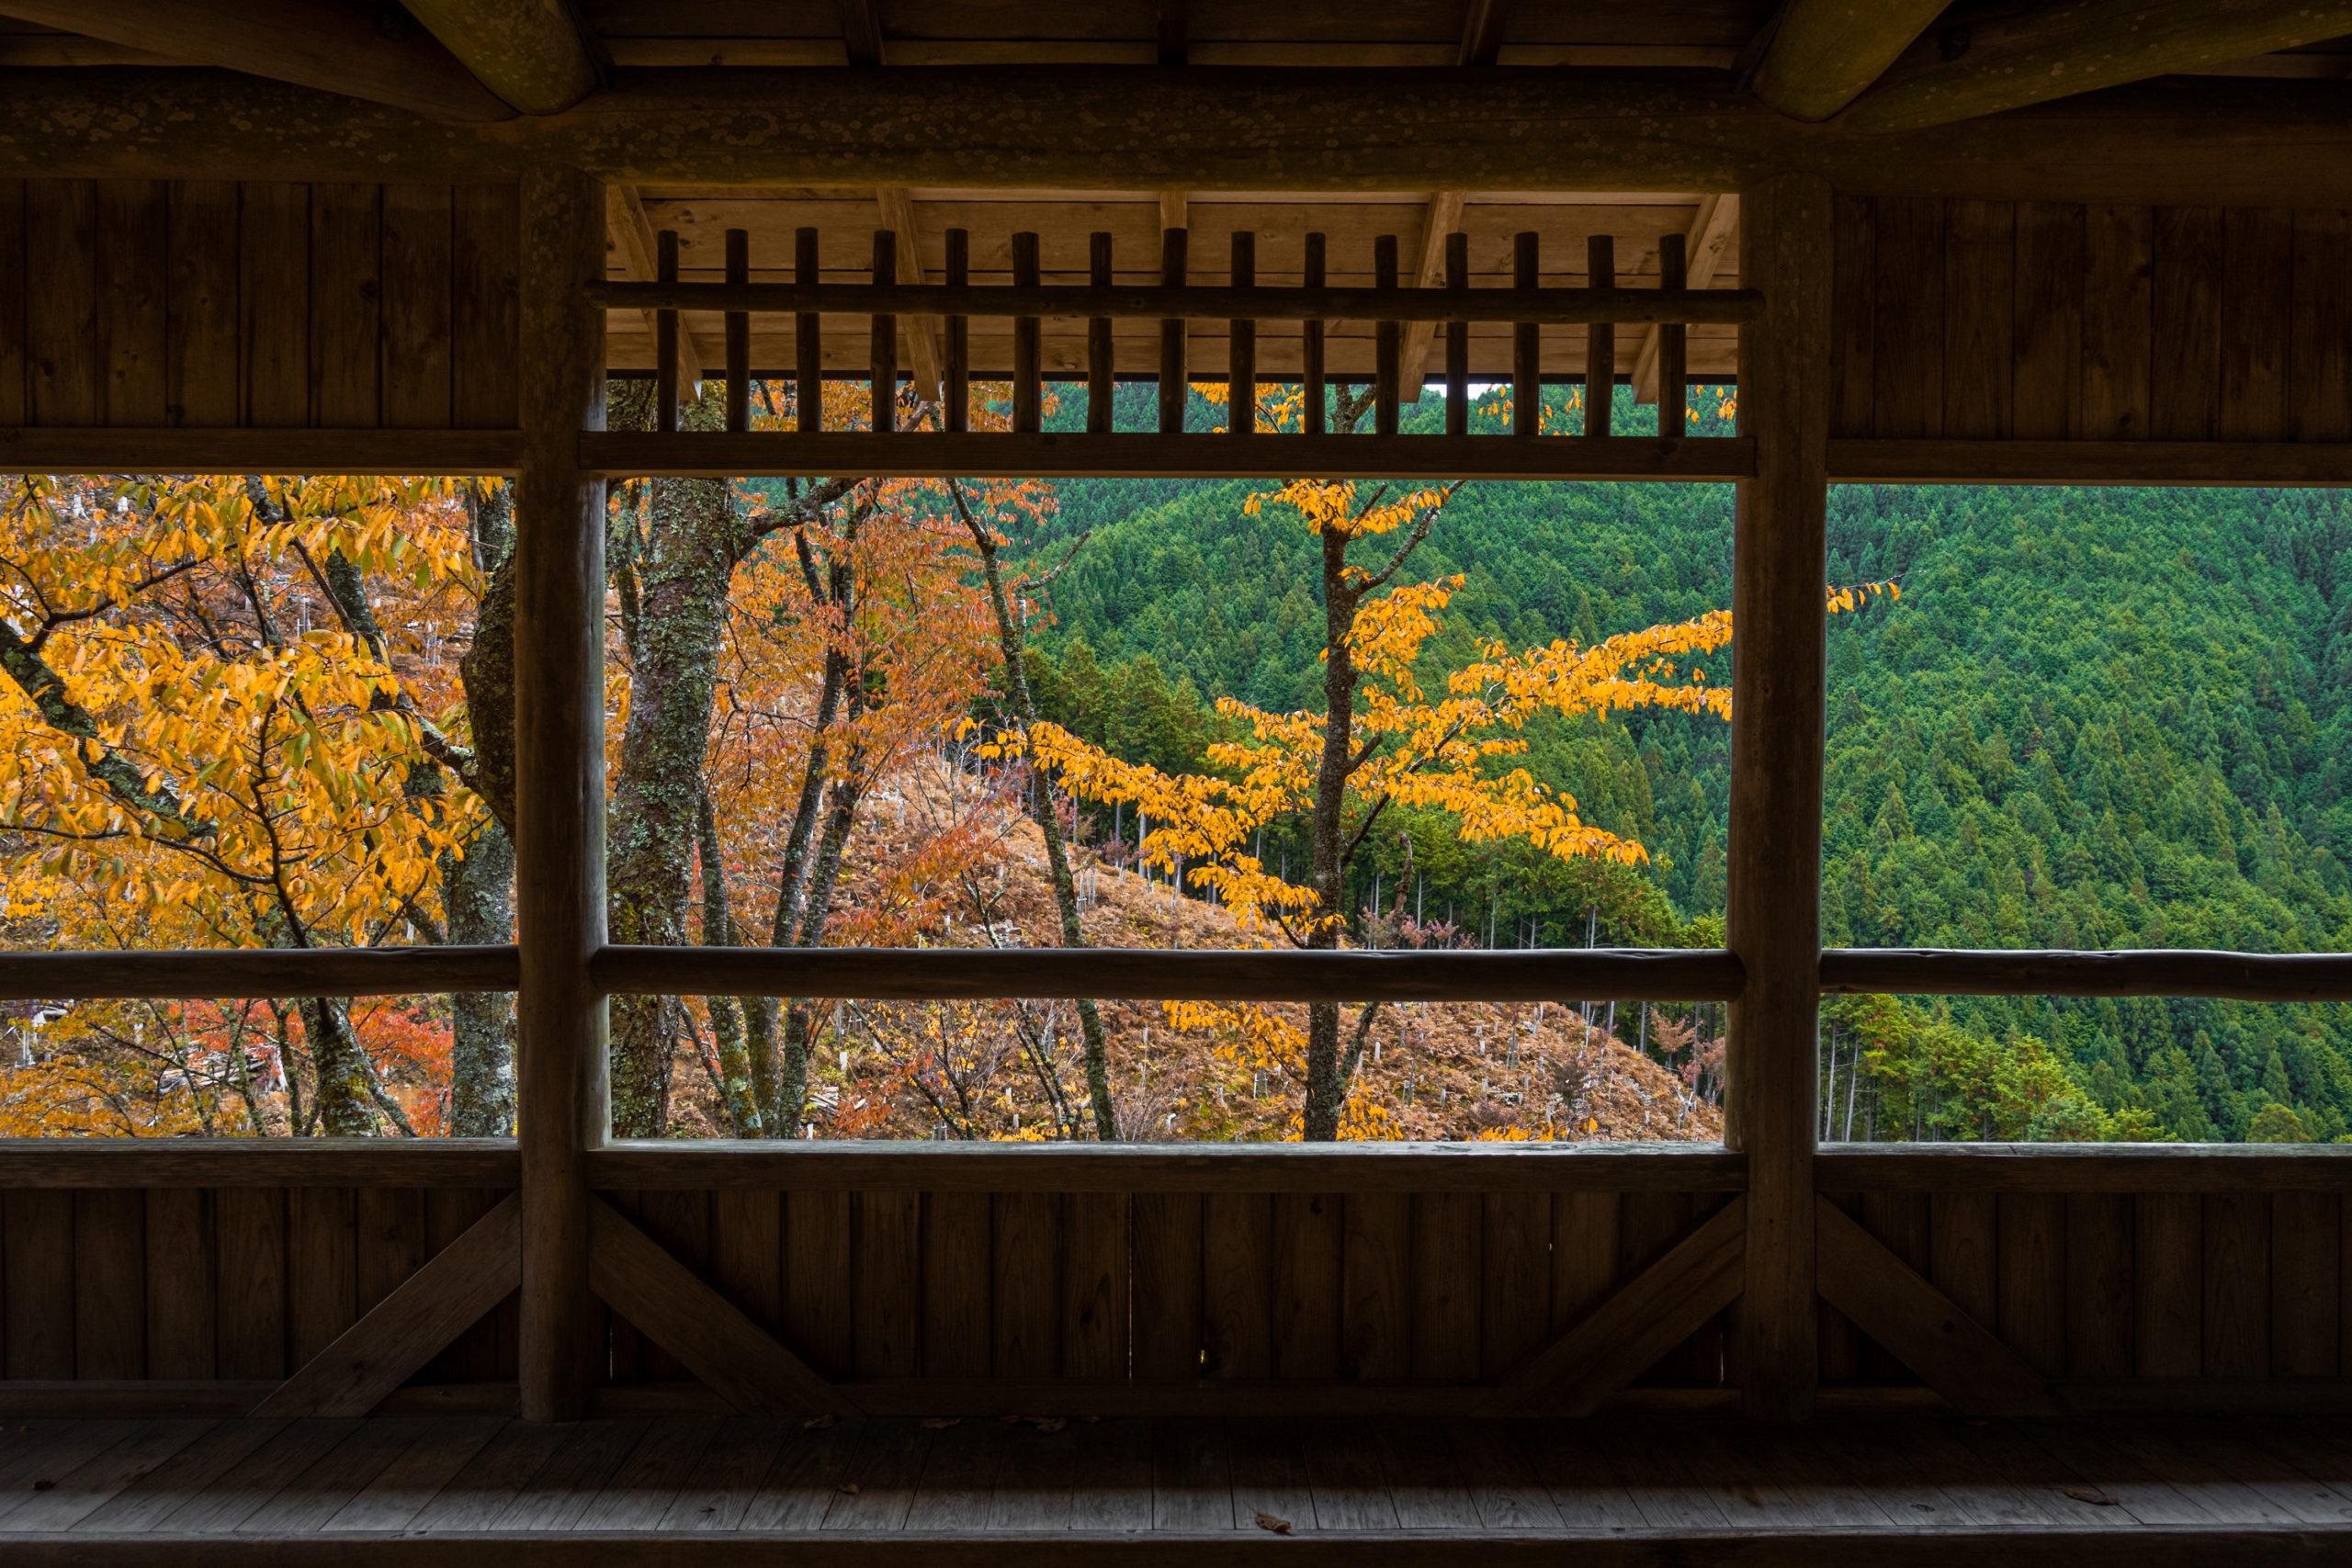 DSC00044-scaled 奈良県  吉野山(山が紅葉に染まる秋におすすめの絶景スポット! 撮影した写真の紹介、アクセス情報や駐車場情報など)